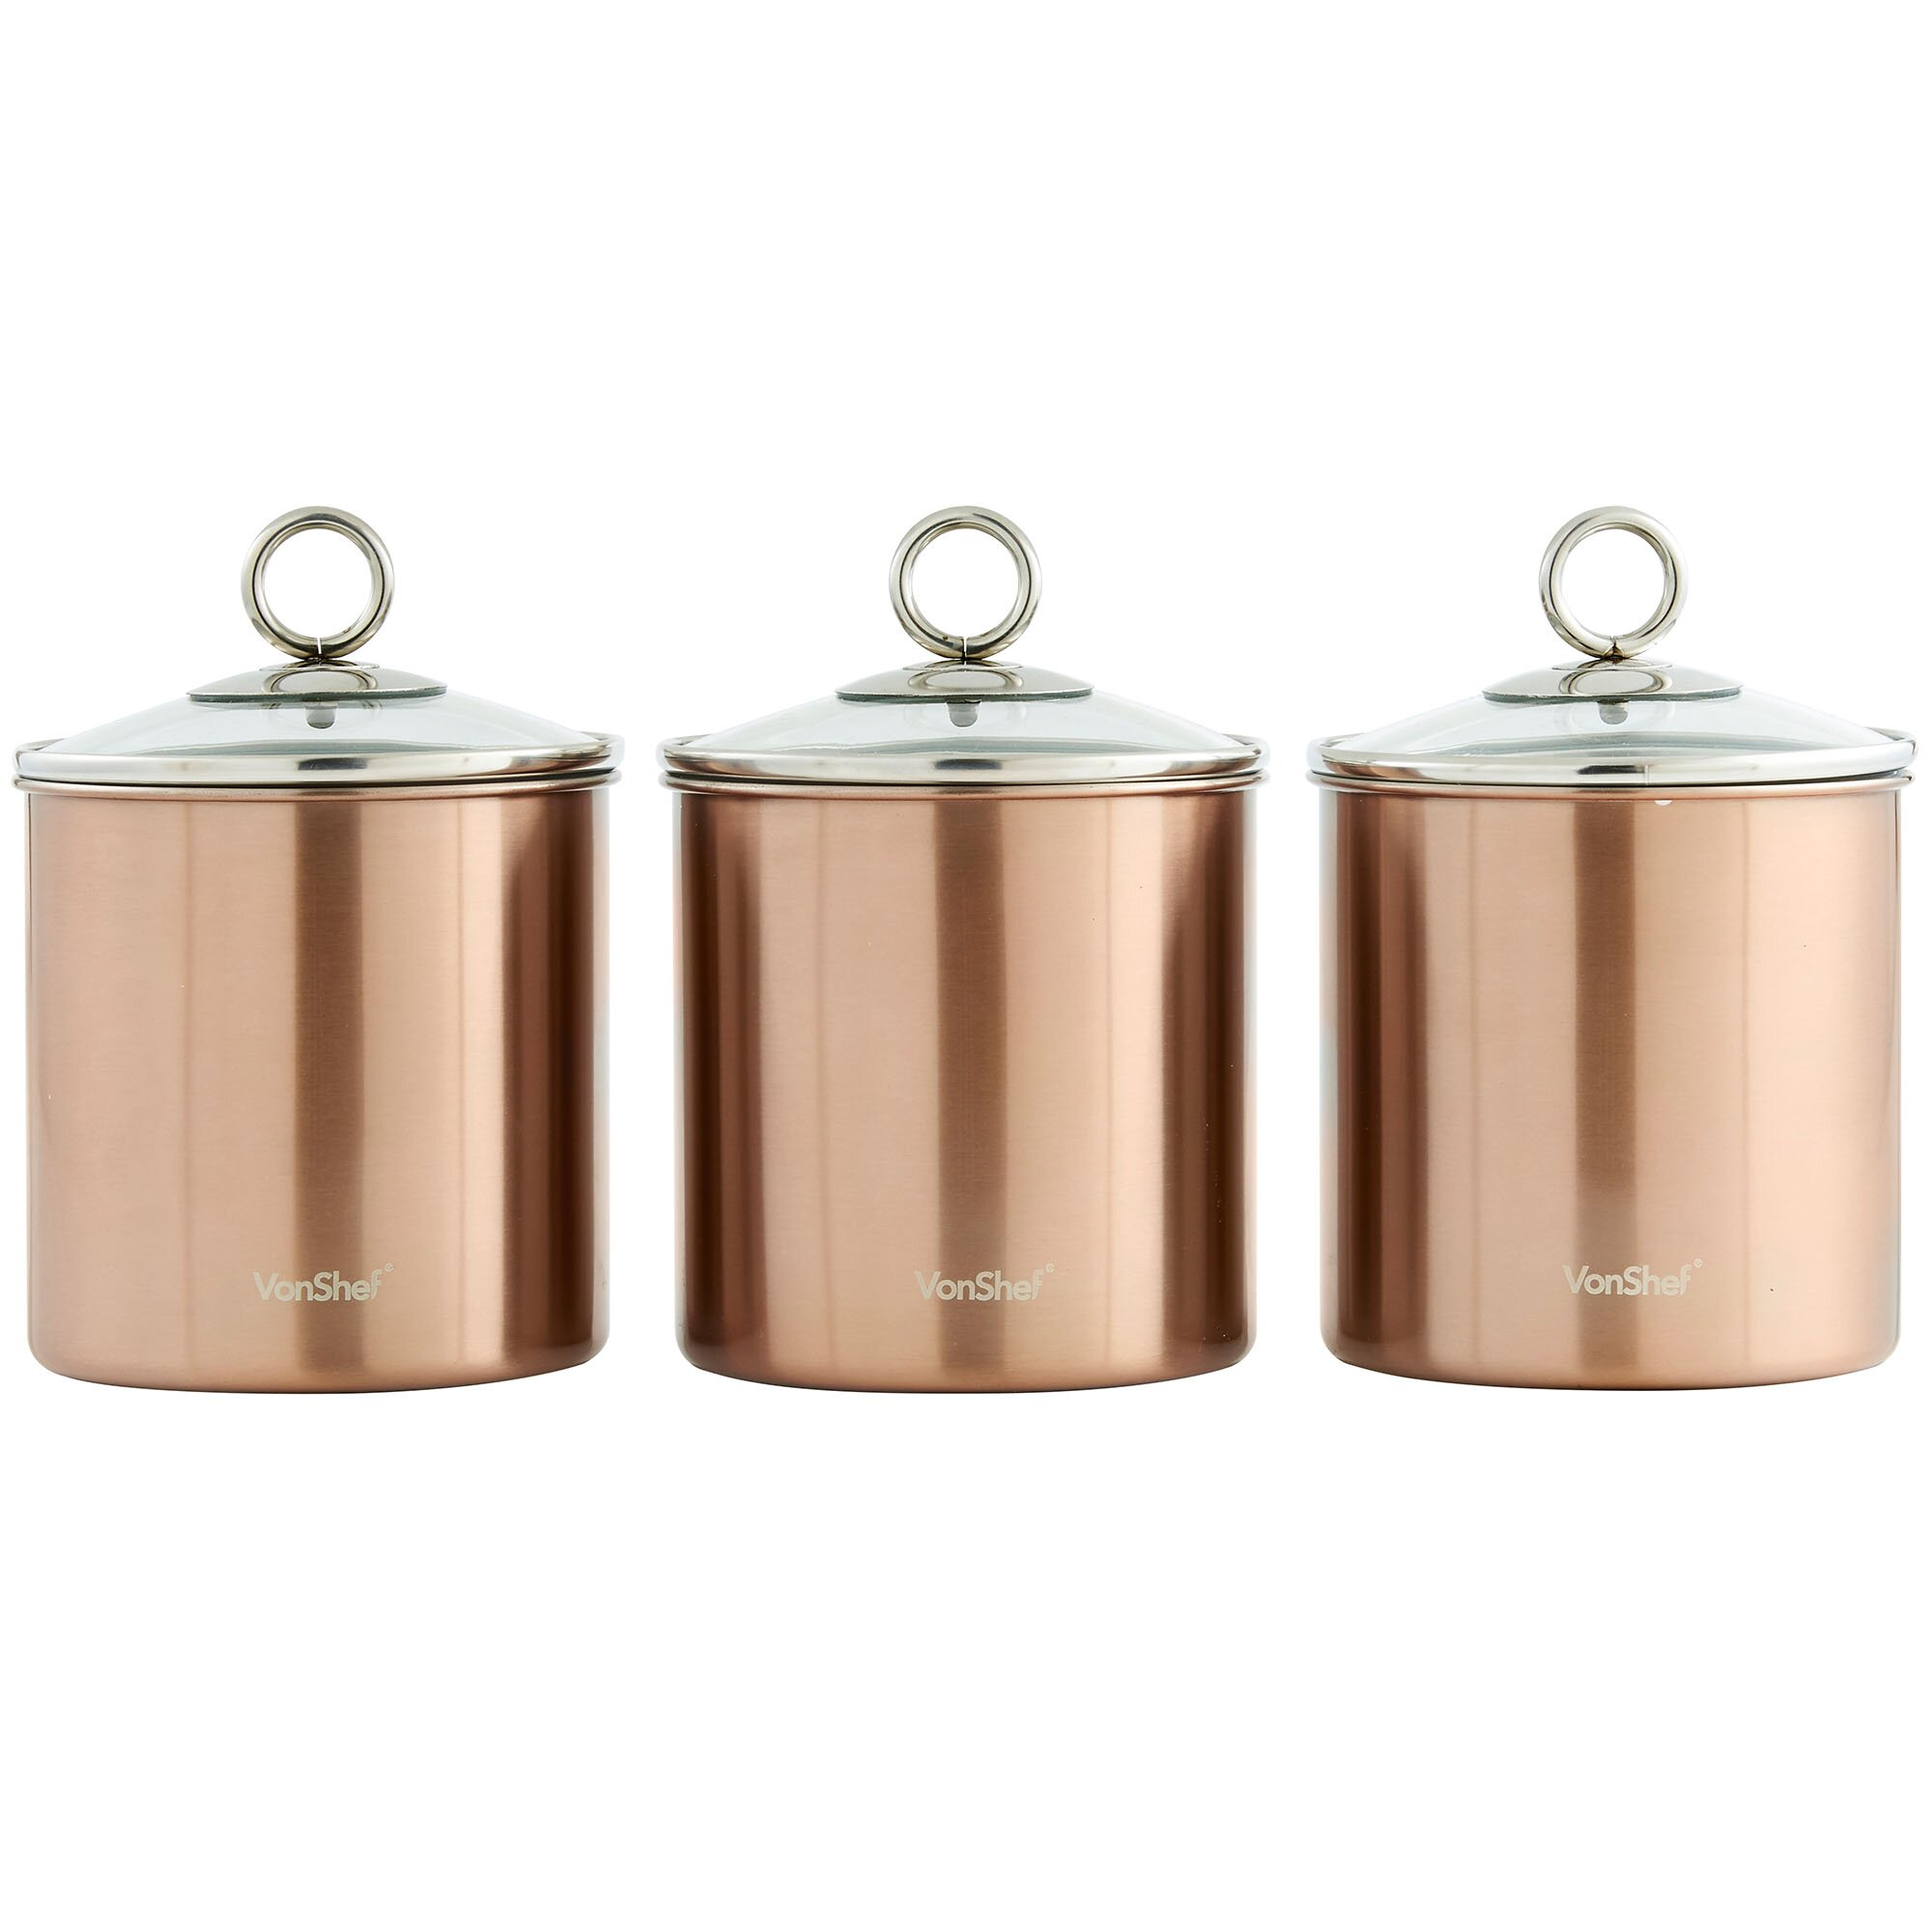 vonshef 3 piece kitchen canister set wayfair ca